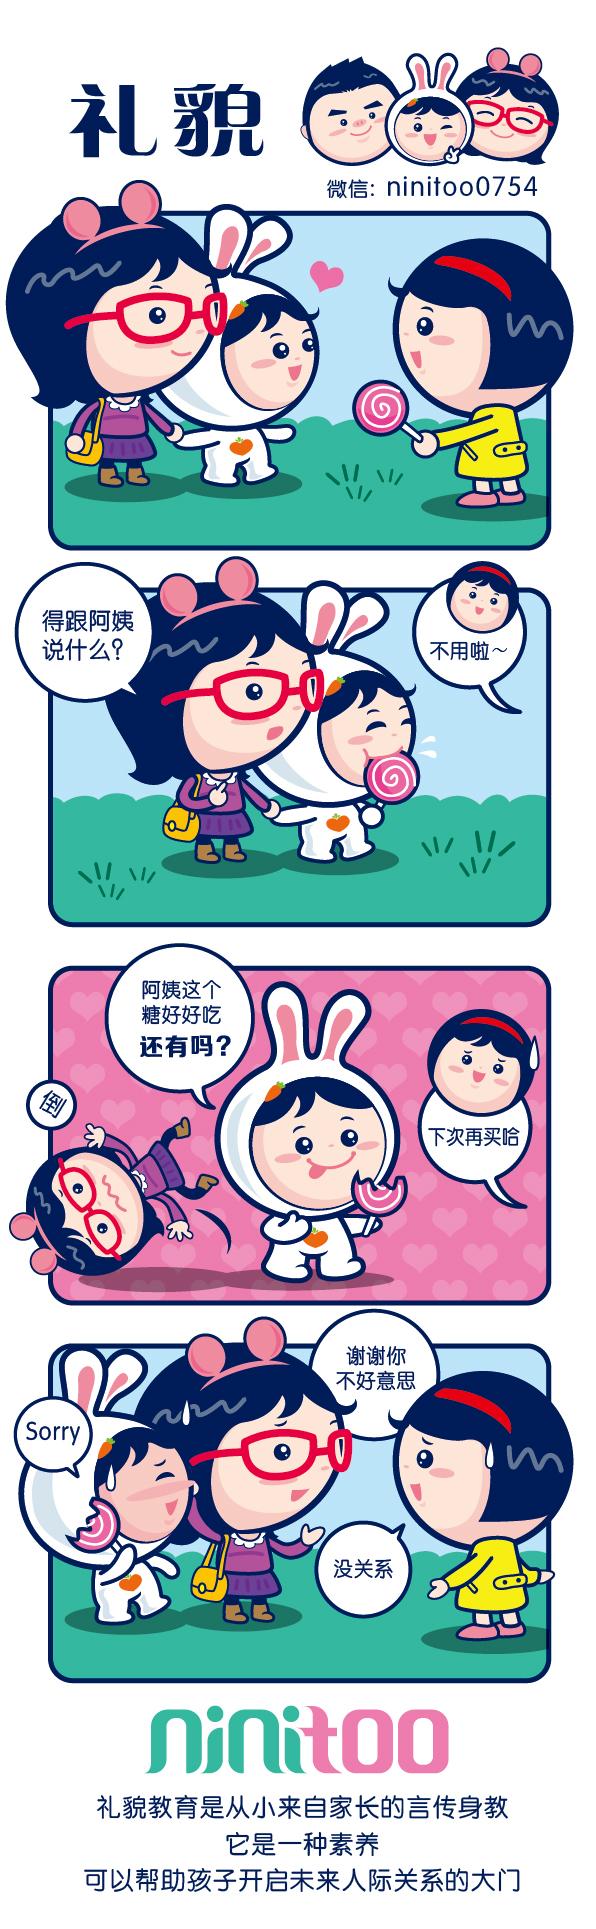 育儿经漫画-17.jpg